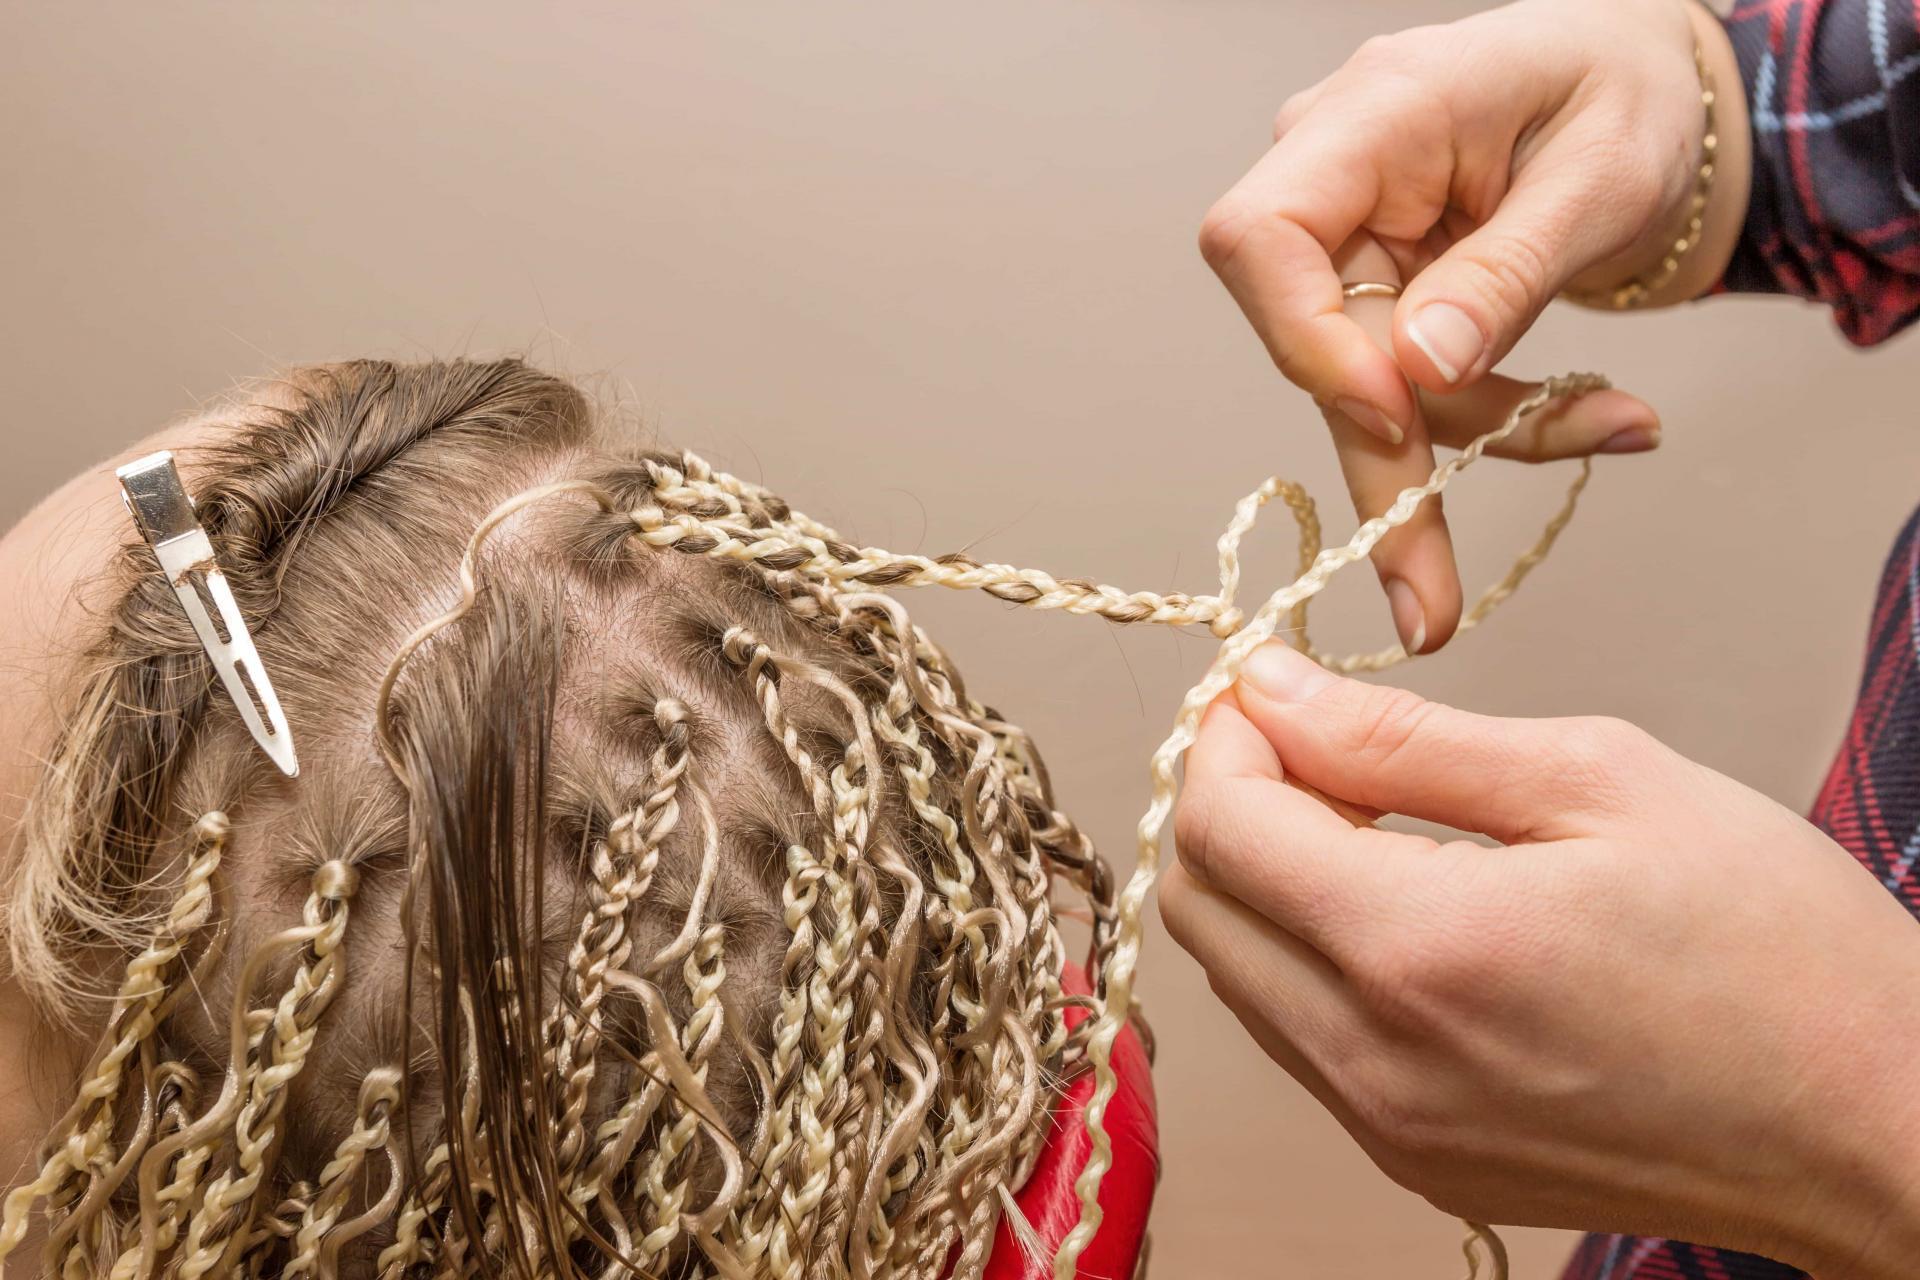 Африканские косички-зизи – сколько надо на голову, отличия от афро кос, прически на длинные, короткие и средние волосы, хвост, пучок, с канекалоном, гофре, омбре, цветные